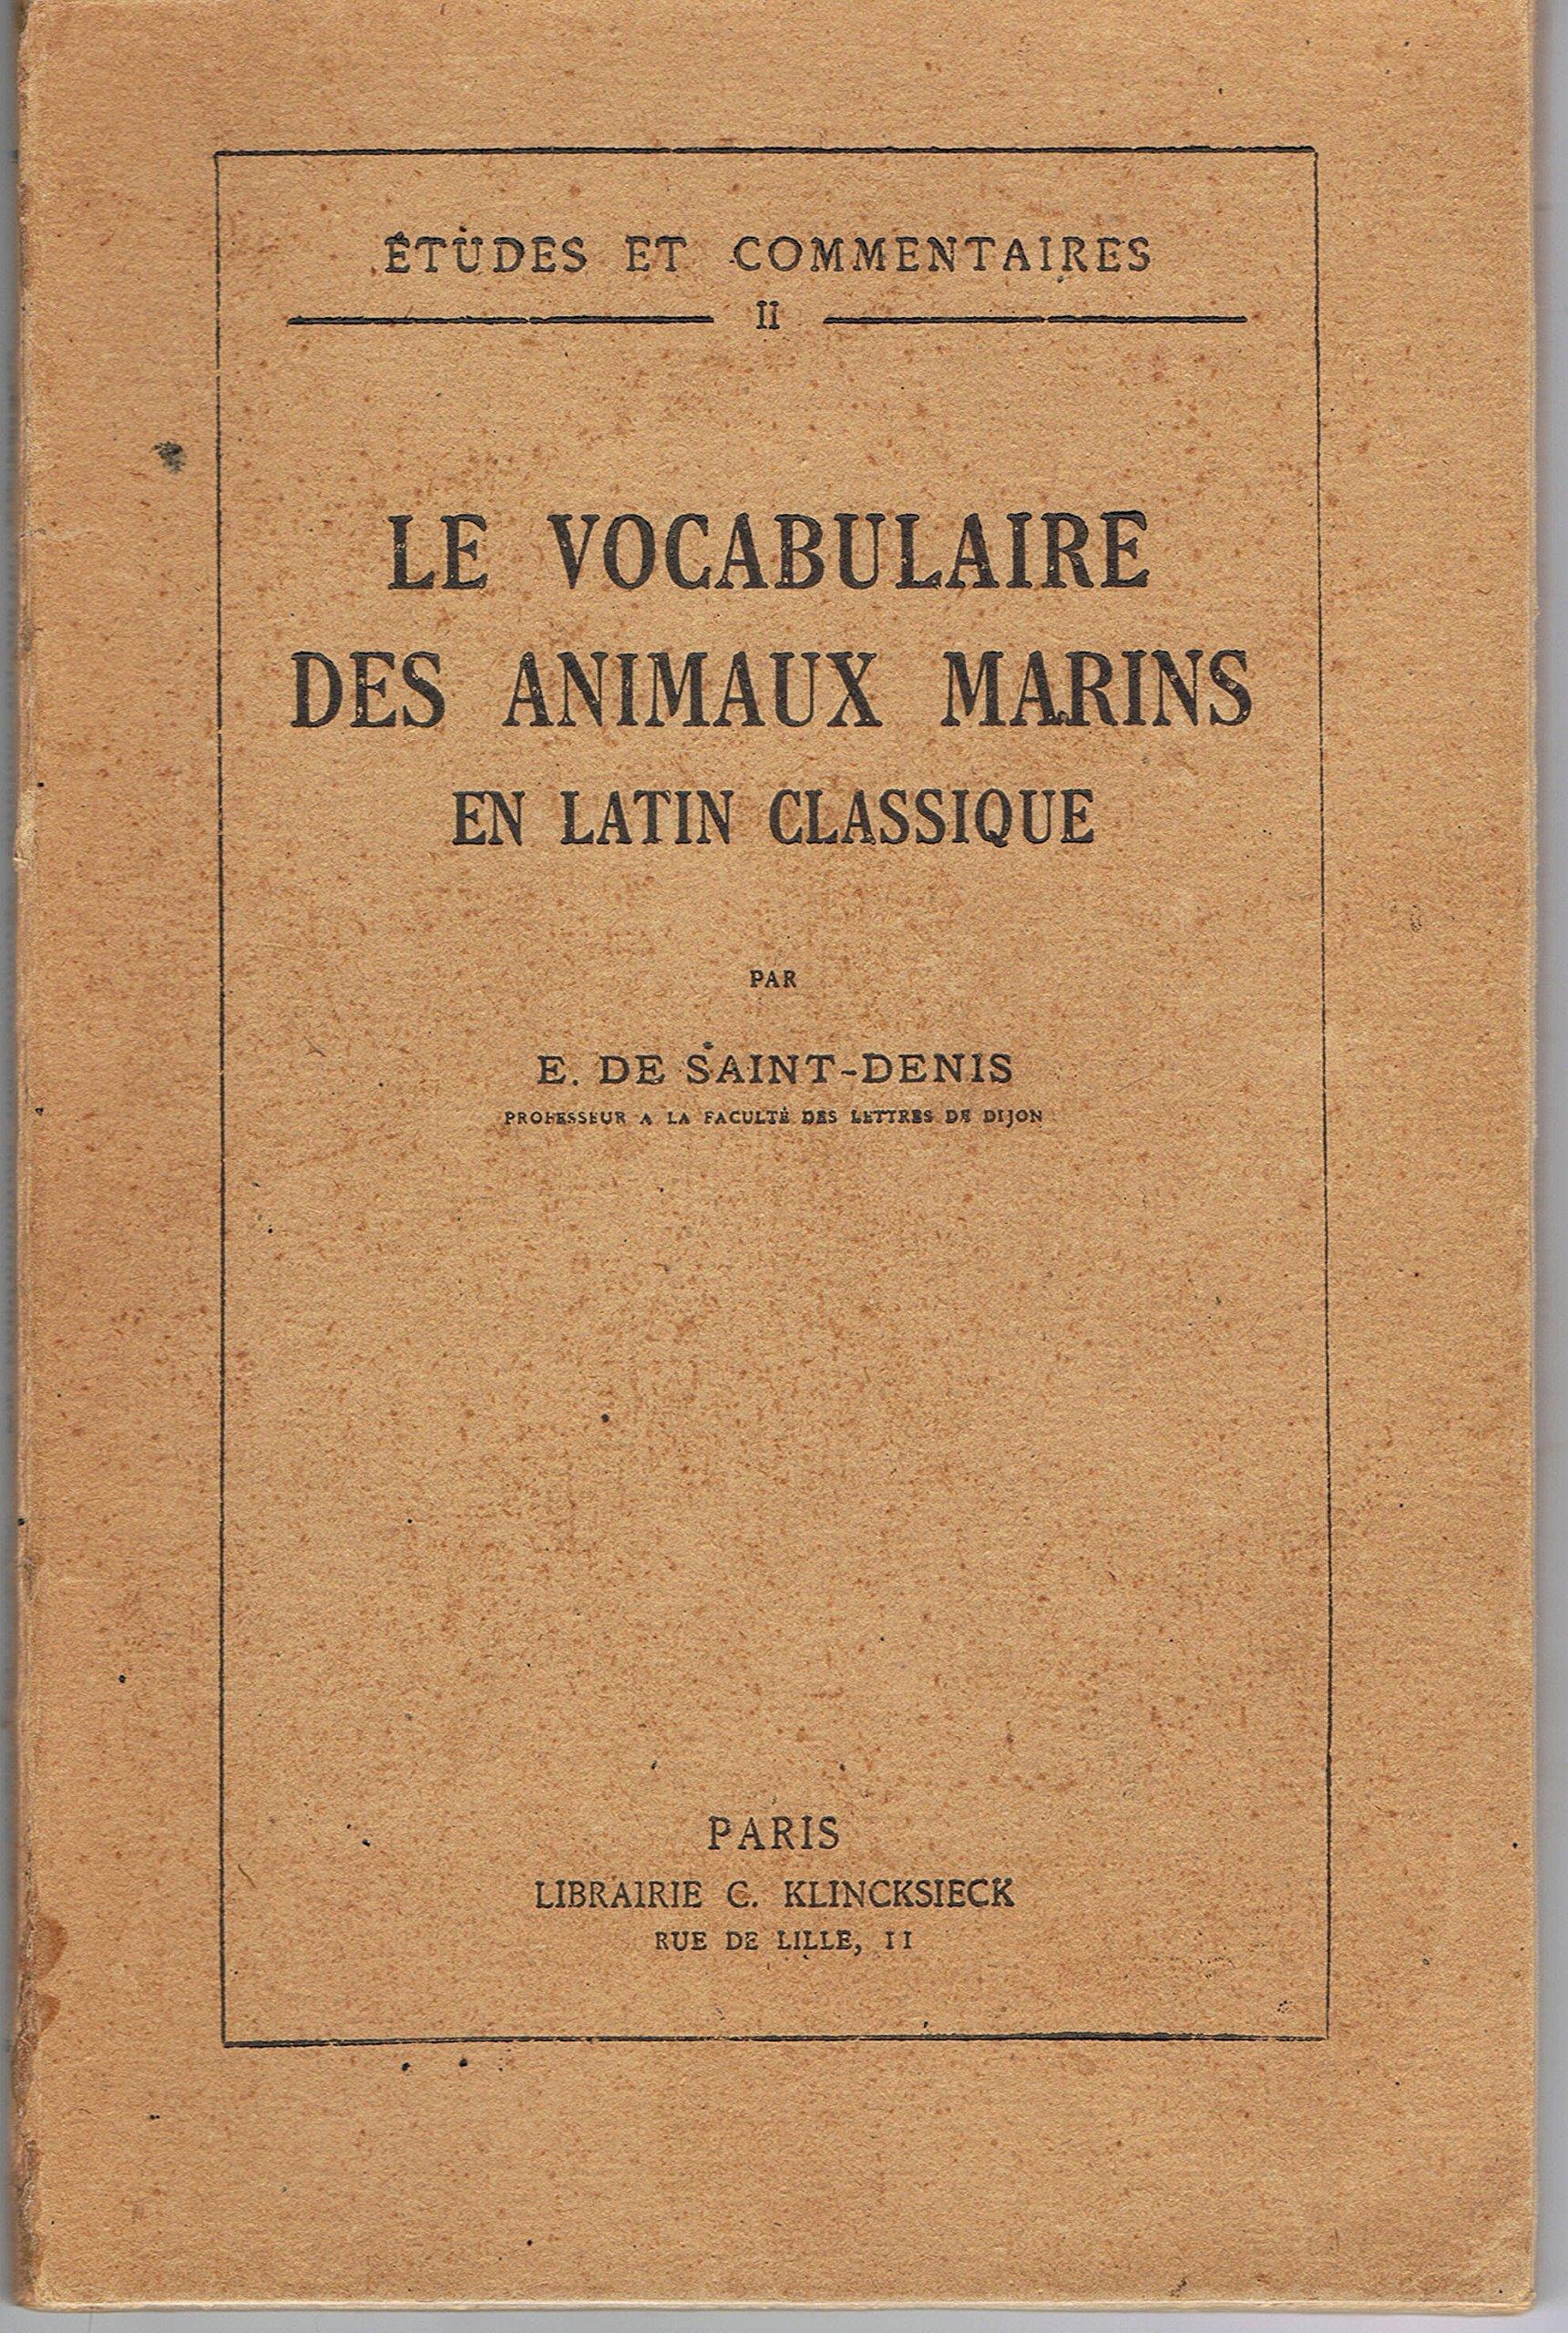 de Saint-Denis cover